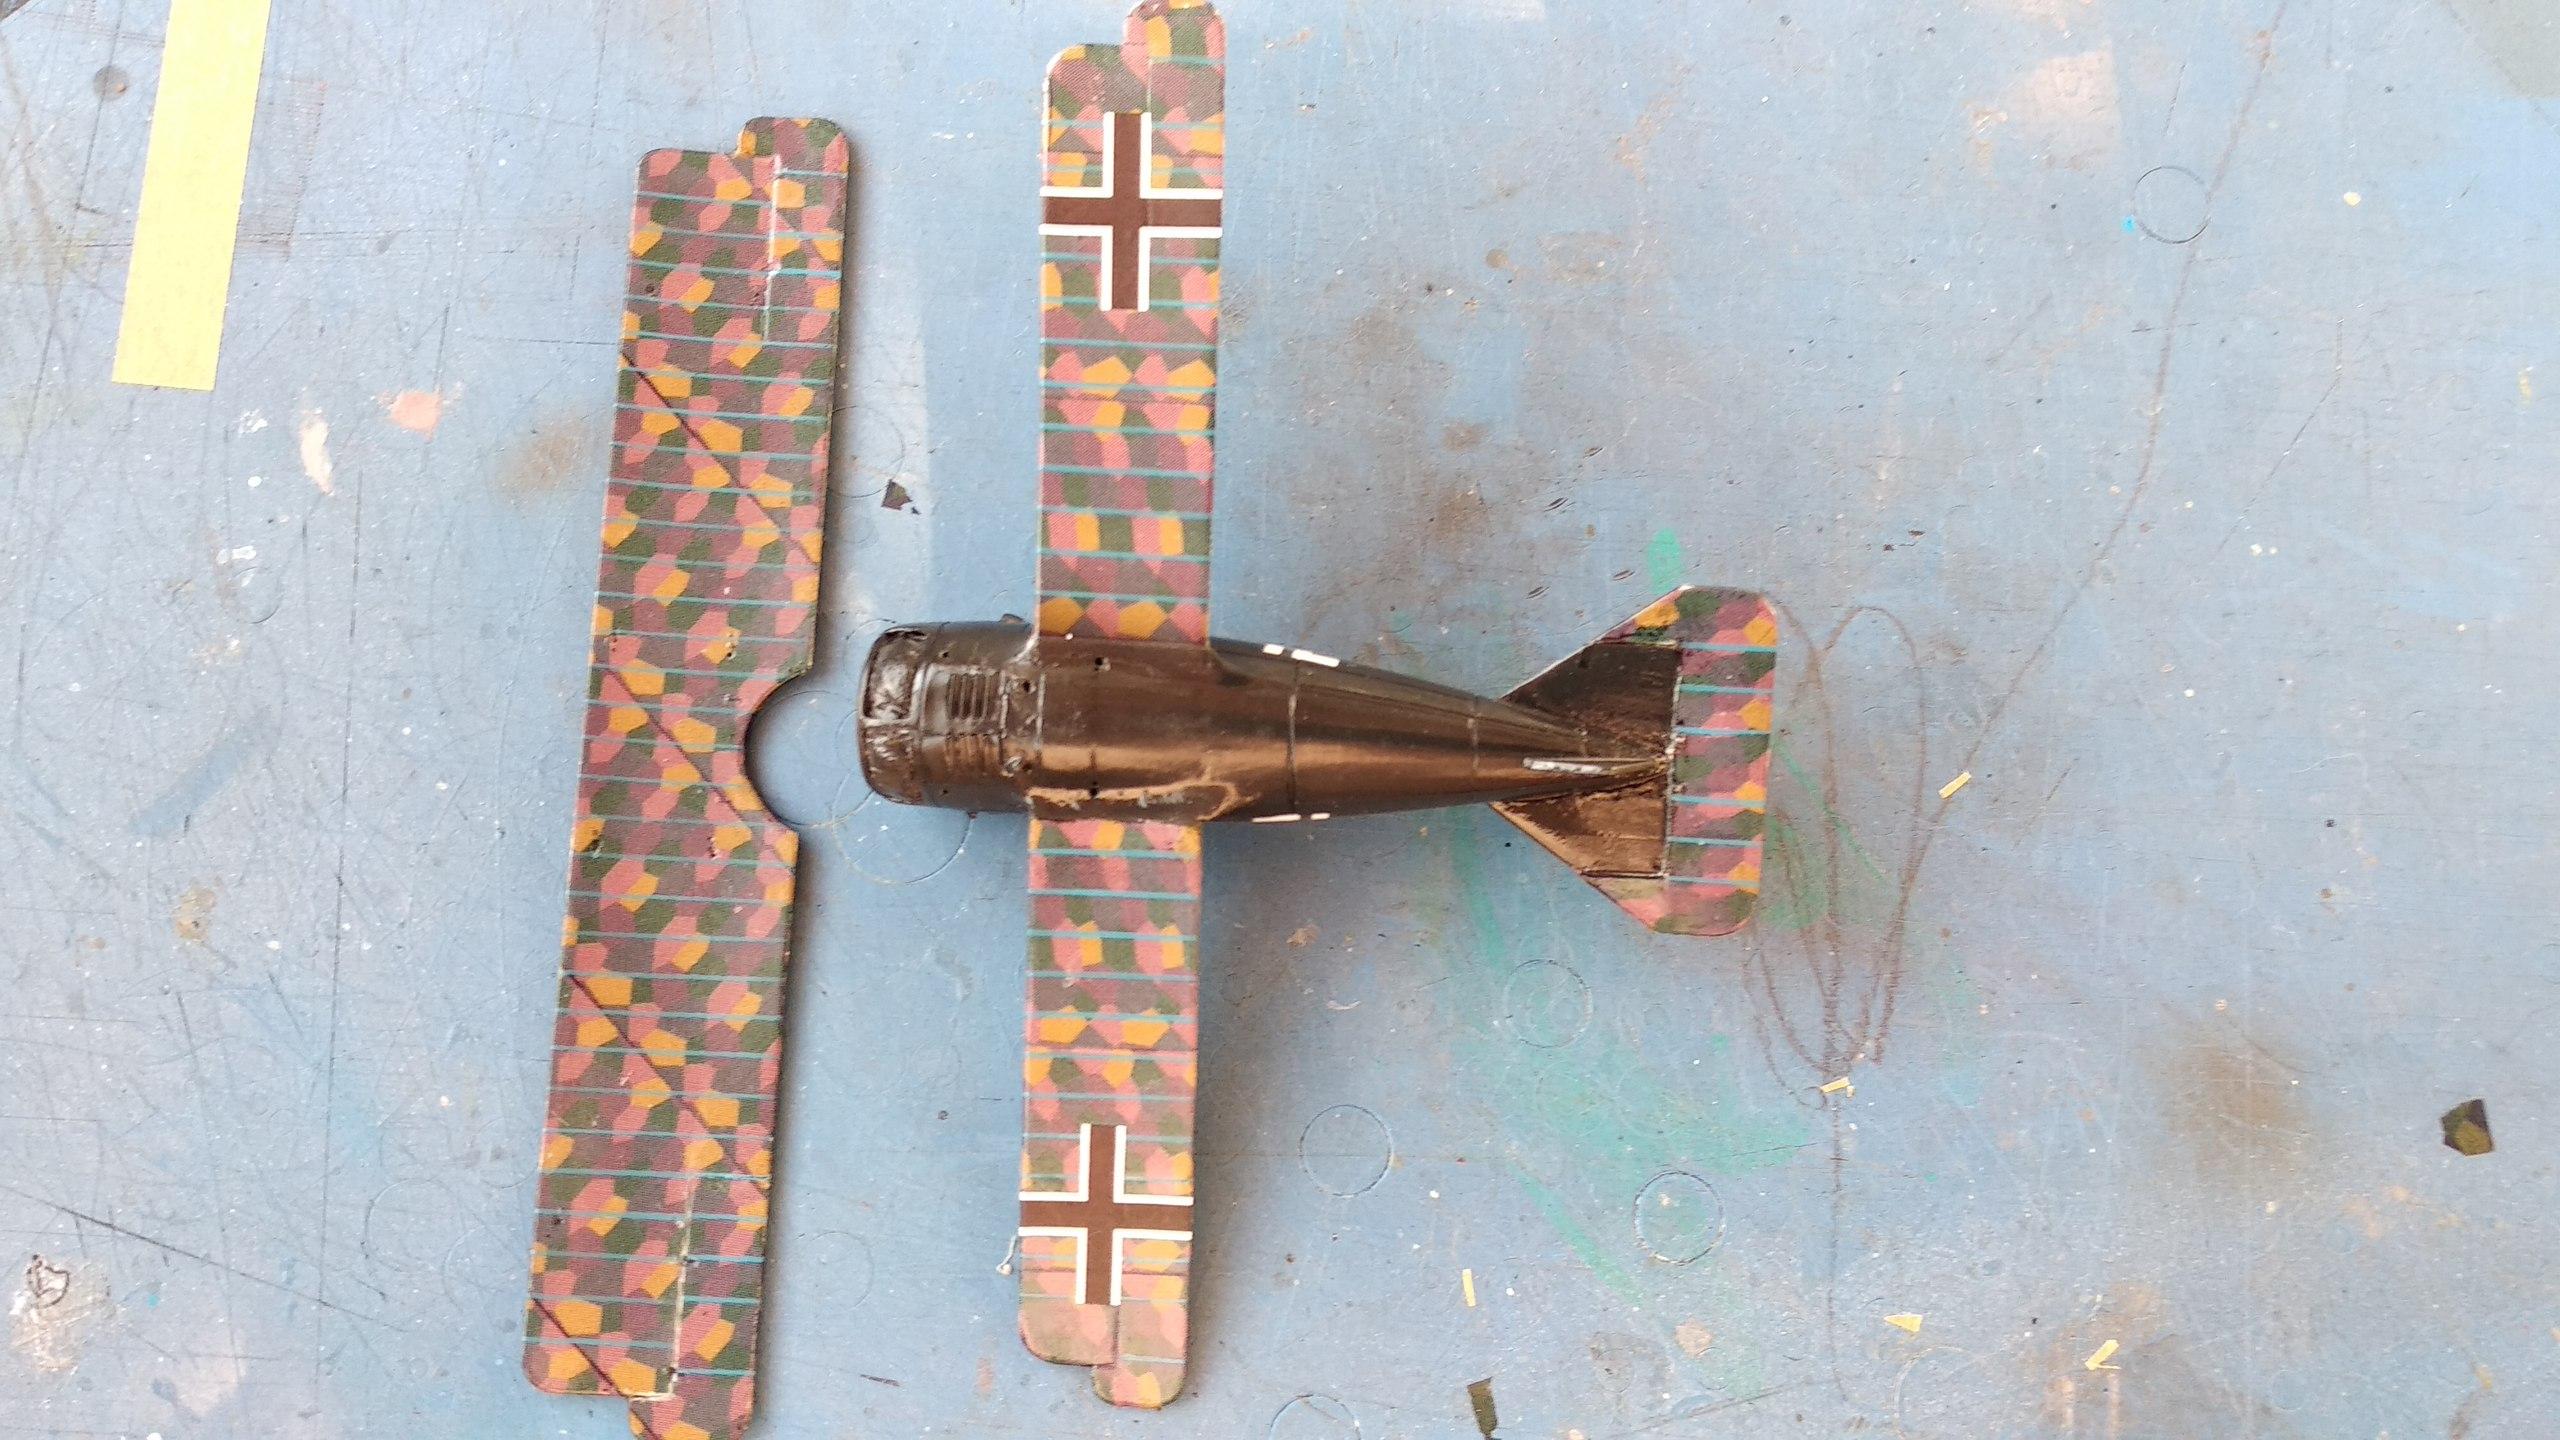 Siemens-Schuckert D.III D.IV 1/72 (ВЭ)  TwX_oTRKXt4